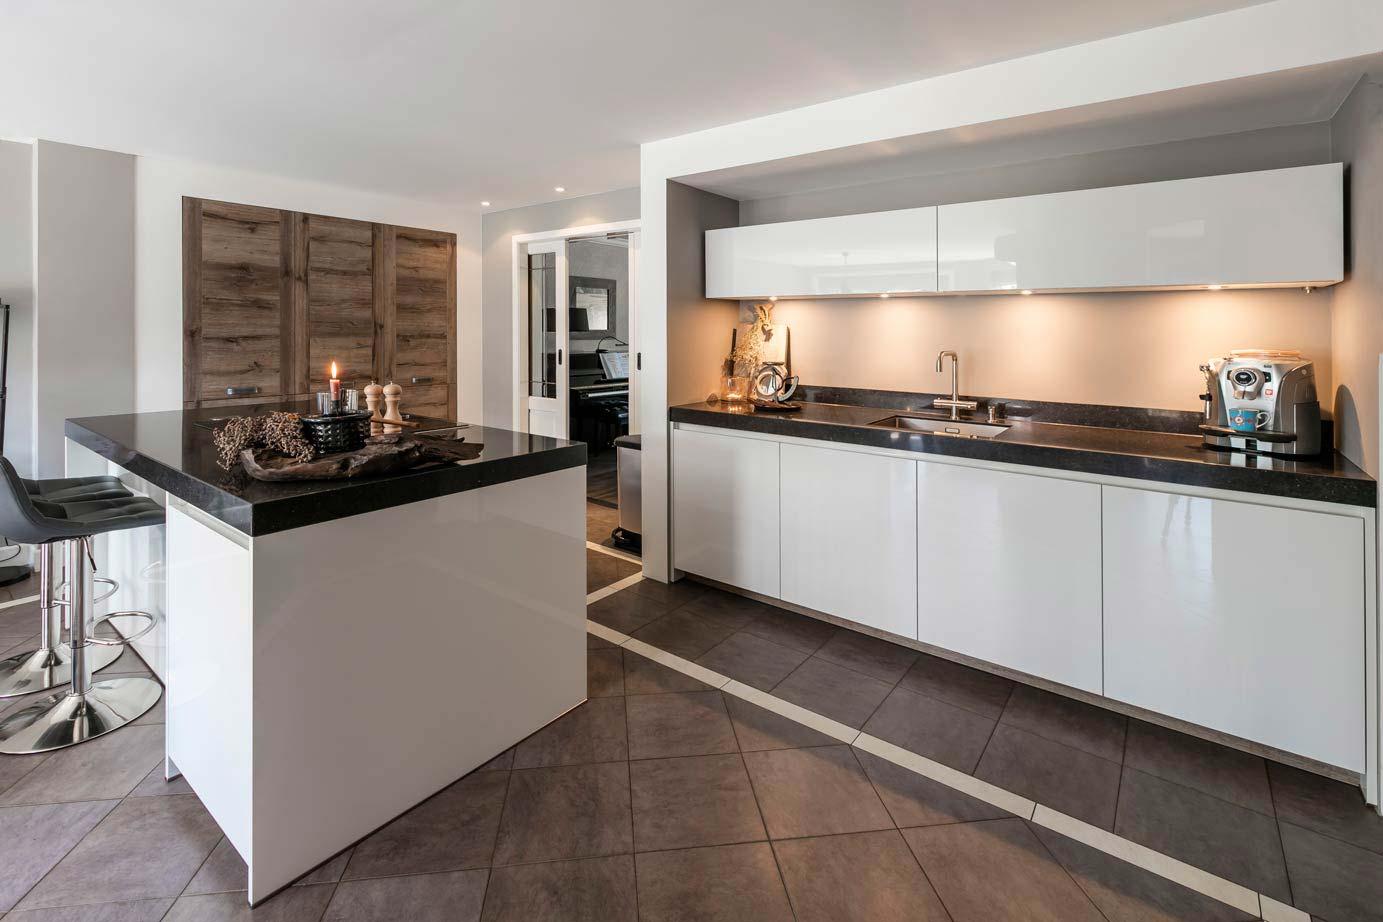 Kastenwand Keuken Moderne : Onze moderne keukens het nieuwste voor lage nettoprijzen adee